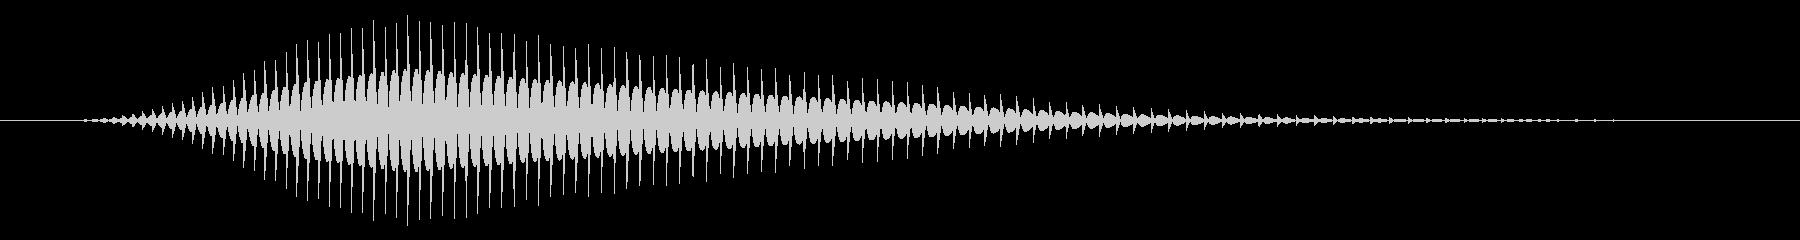 パソコン/キャンセル音/ヒュン↓の未再生の波形